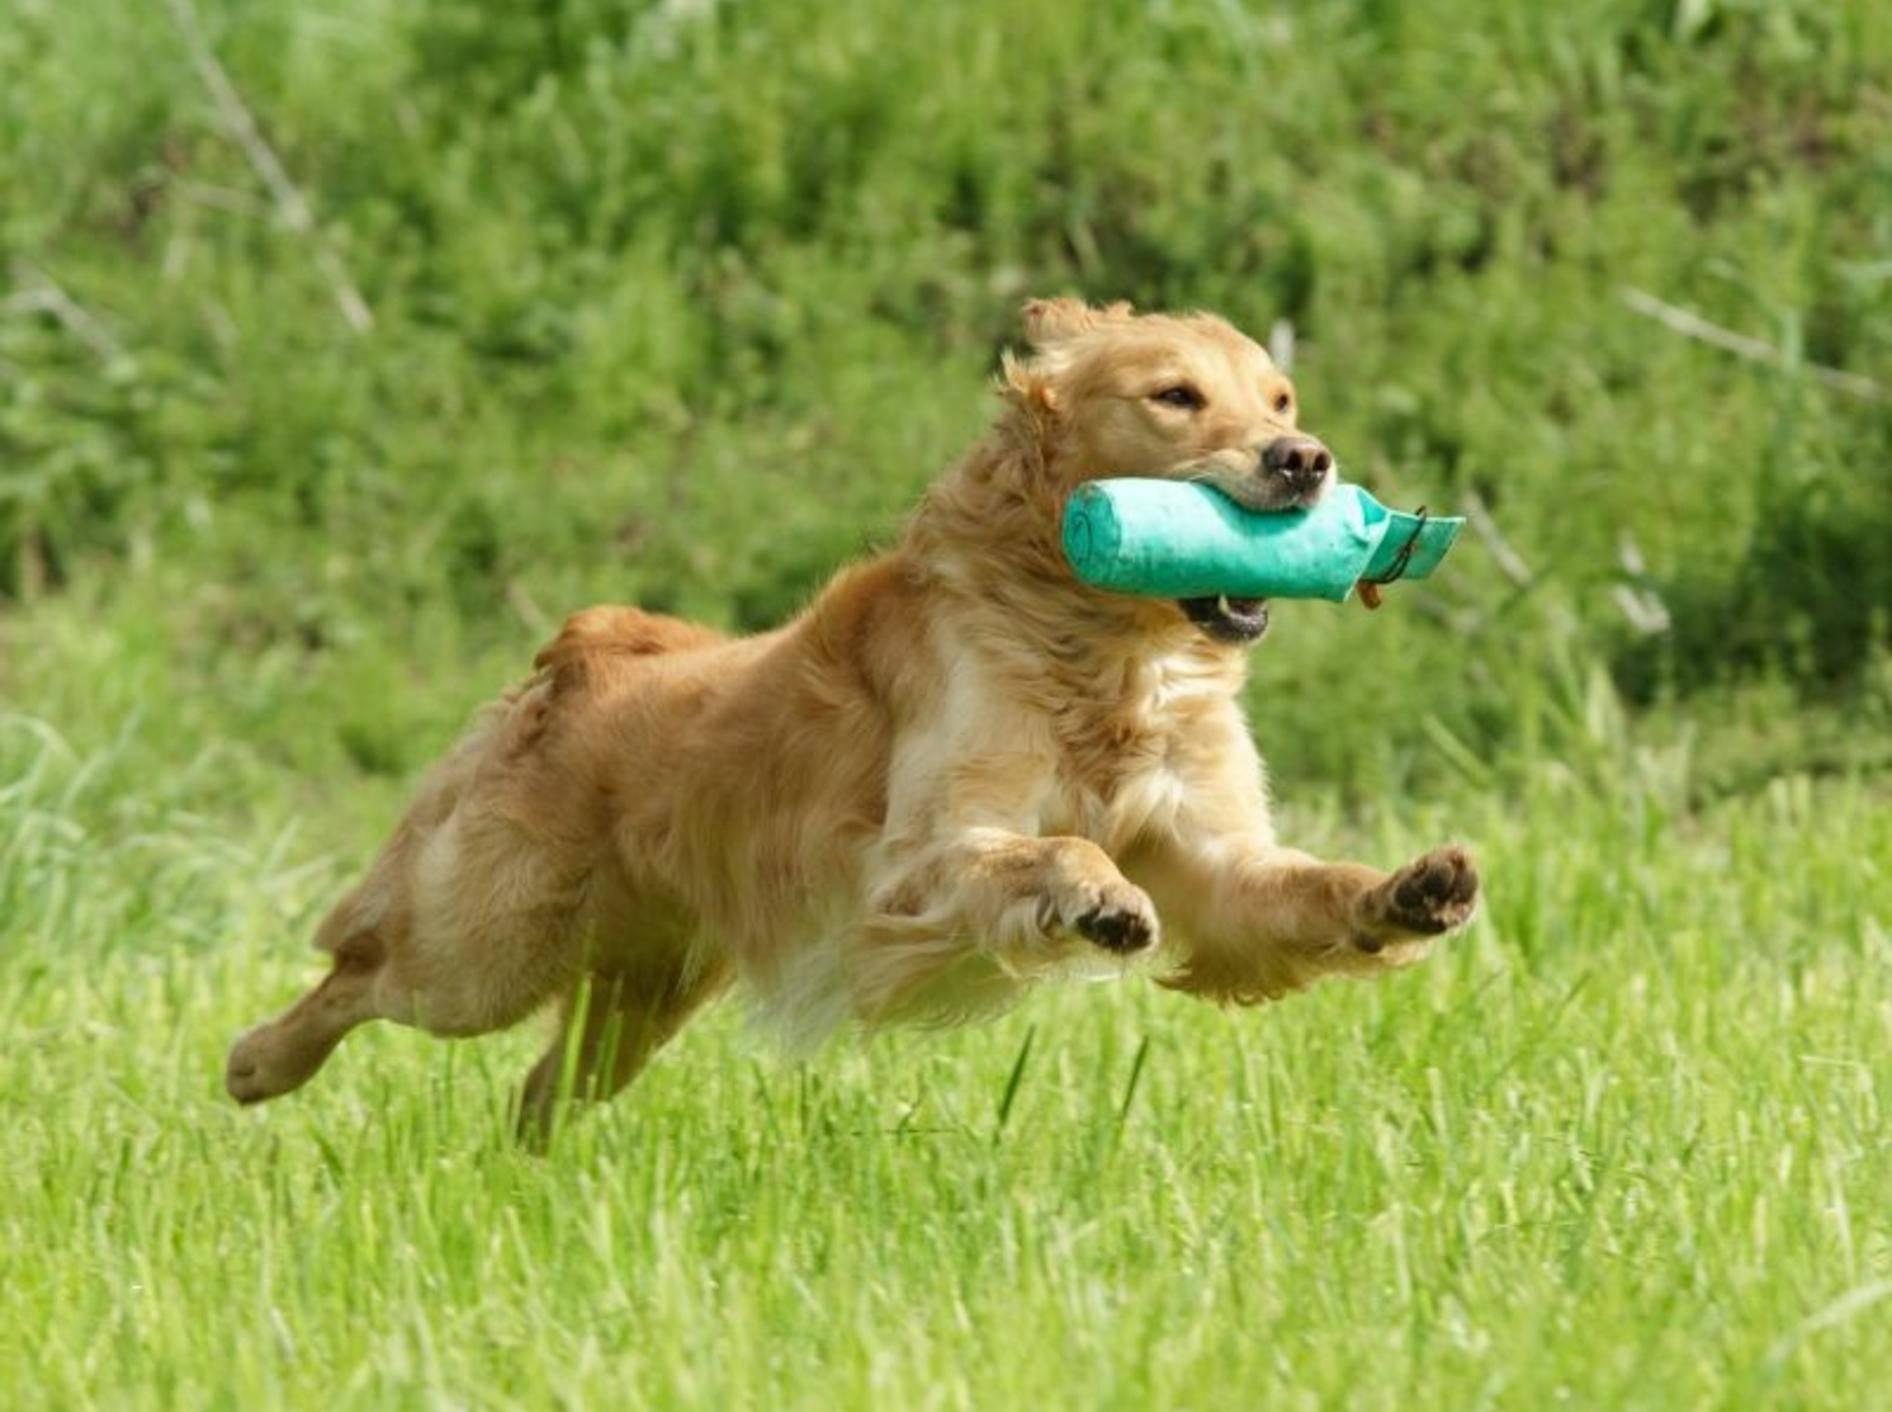 Dummytraining ist ein beliebter Hundesport bei Retriever-Besitzern – Bild: Shutterstock / vgm